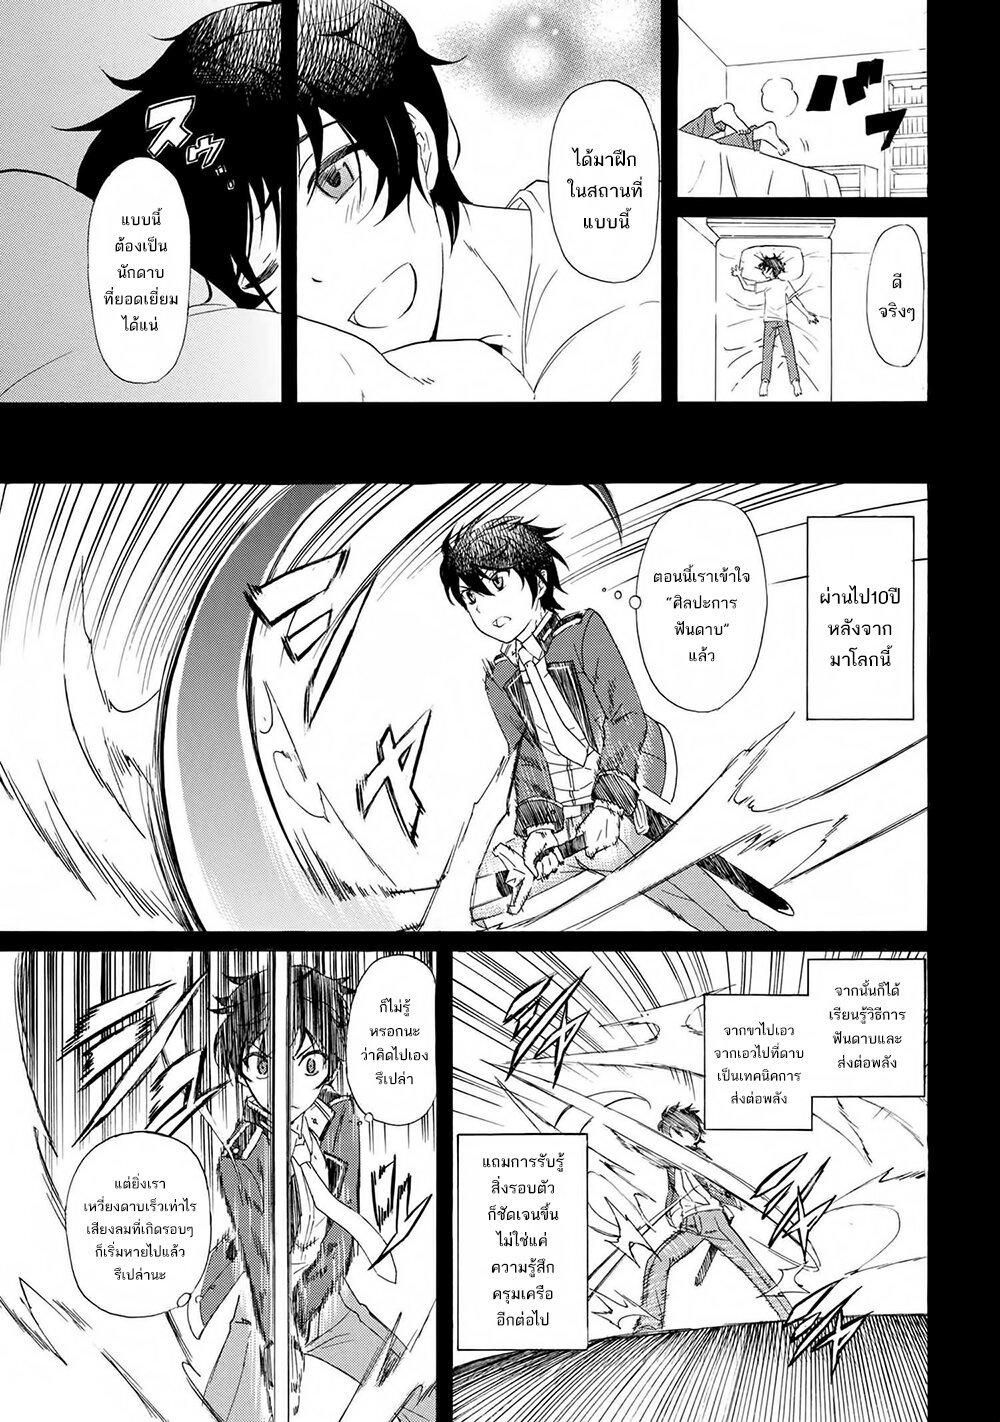 อ่านการ์ตูน Ichioku-nen Button o Renda Shita Ore wa Kizuitara Saikyou ni Natteita ตอนที่ 1 หน้าที่ 27